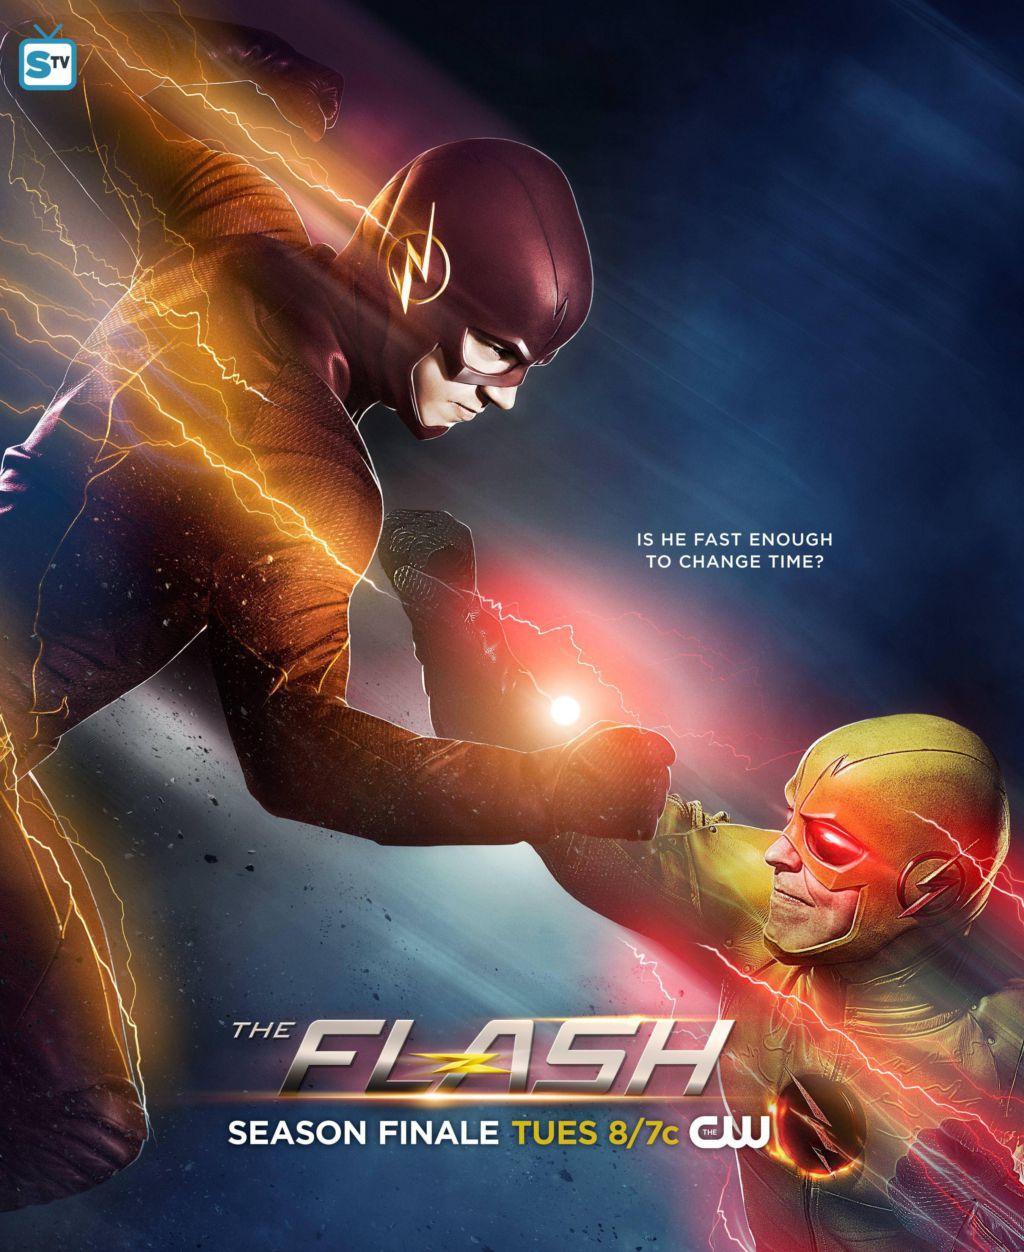 The Flash vs Reverse Flash poster